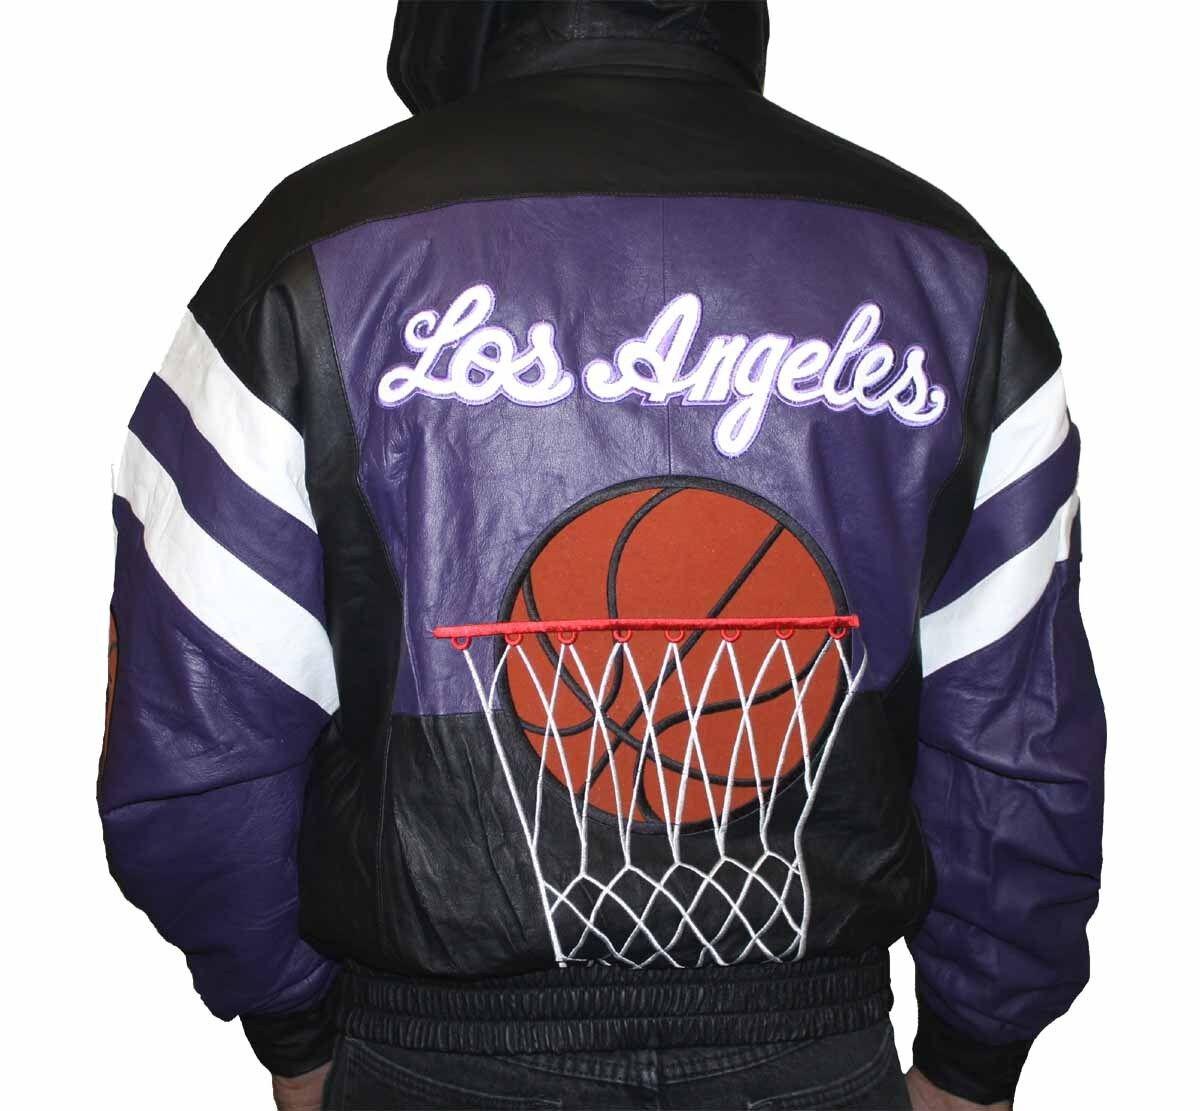 jacke leder Bomber Sport LA männer Zipper Basket 79.99 leder